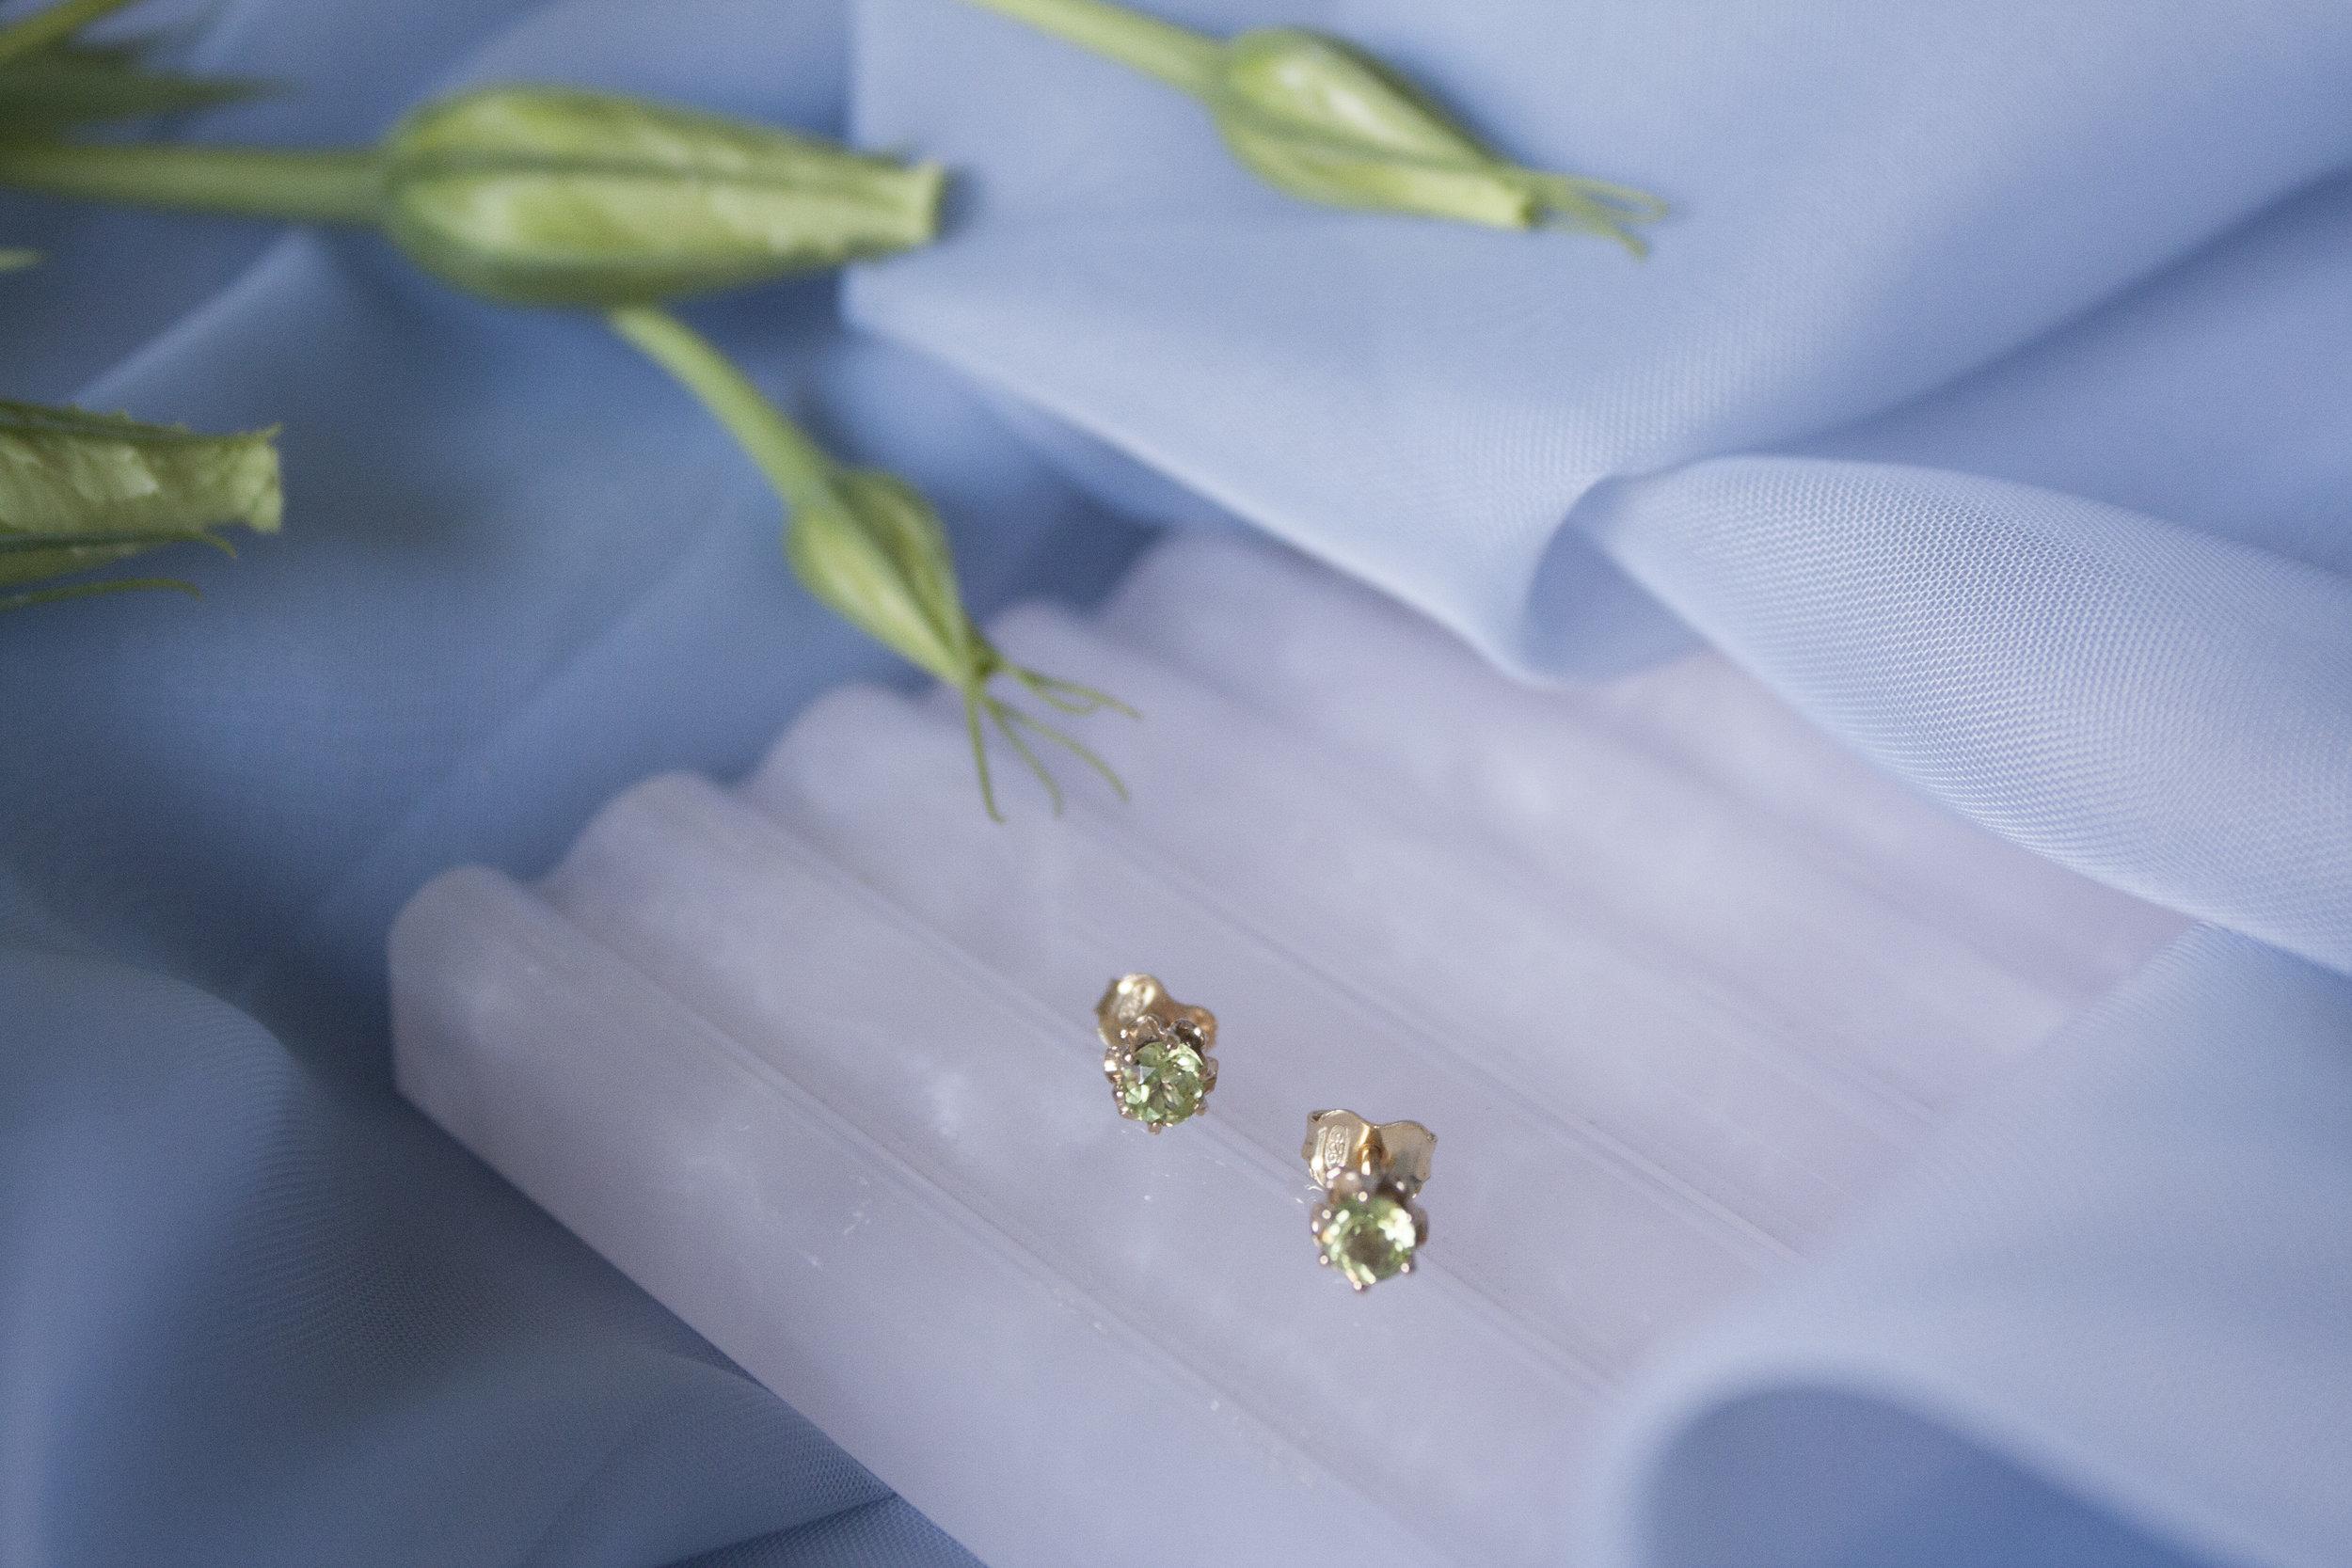 YUUN - Gem Earrings (gold and peridot)